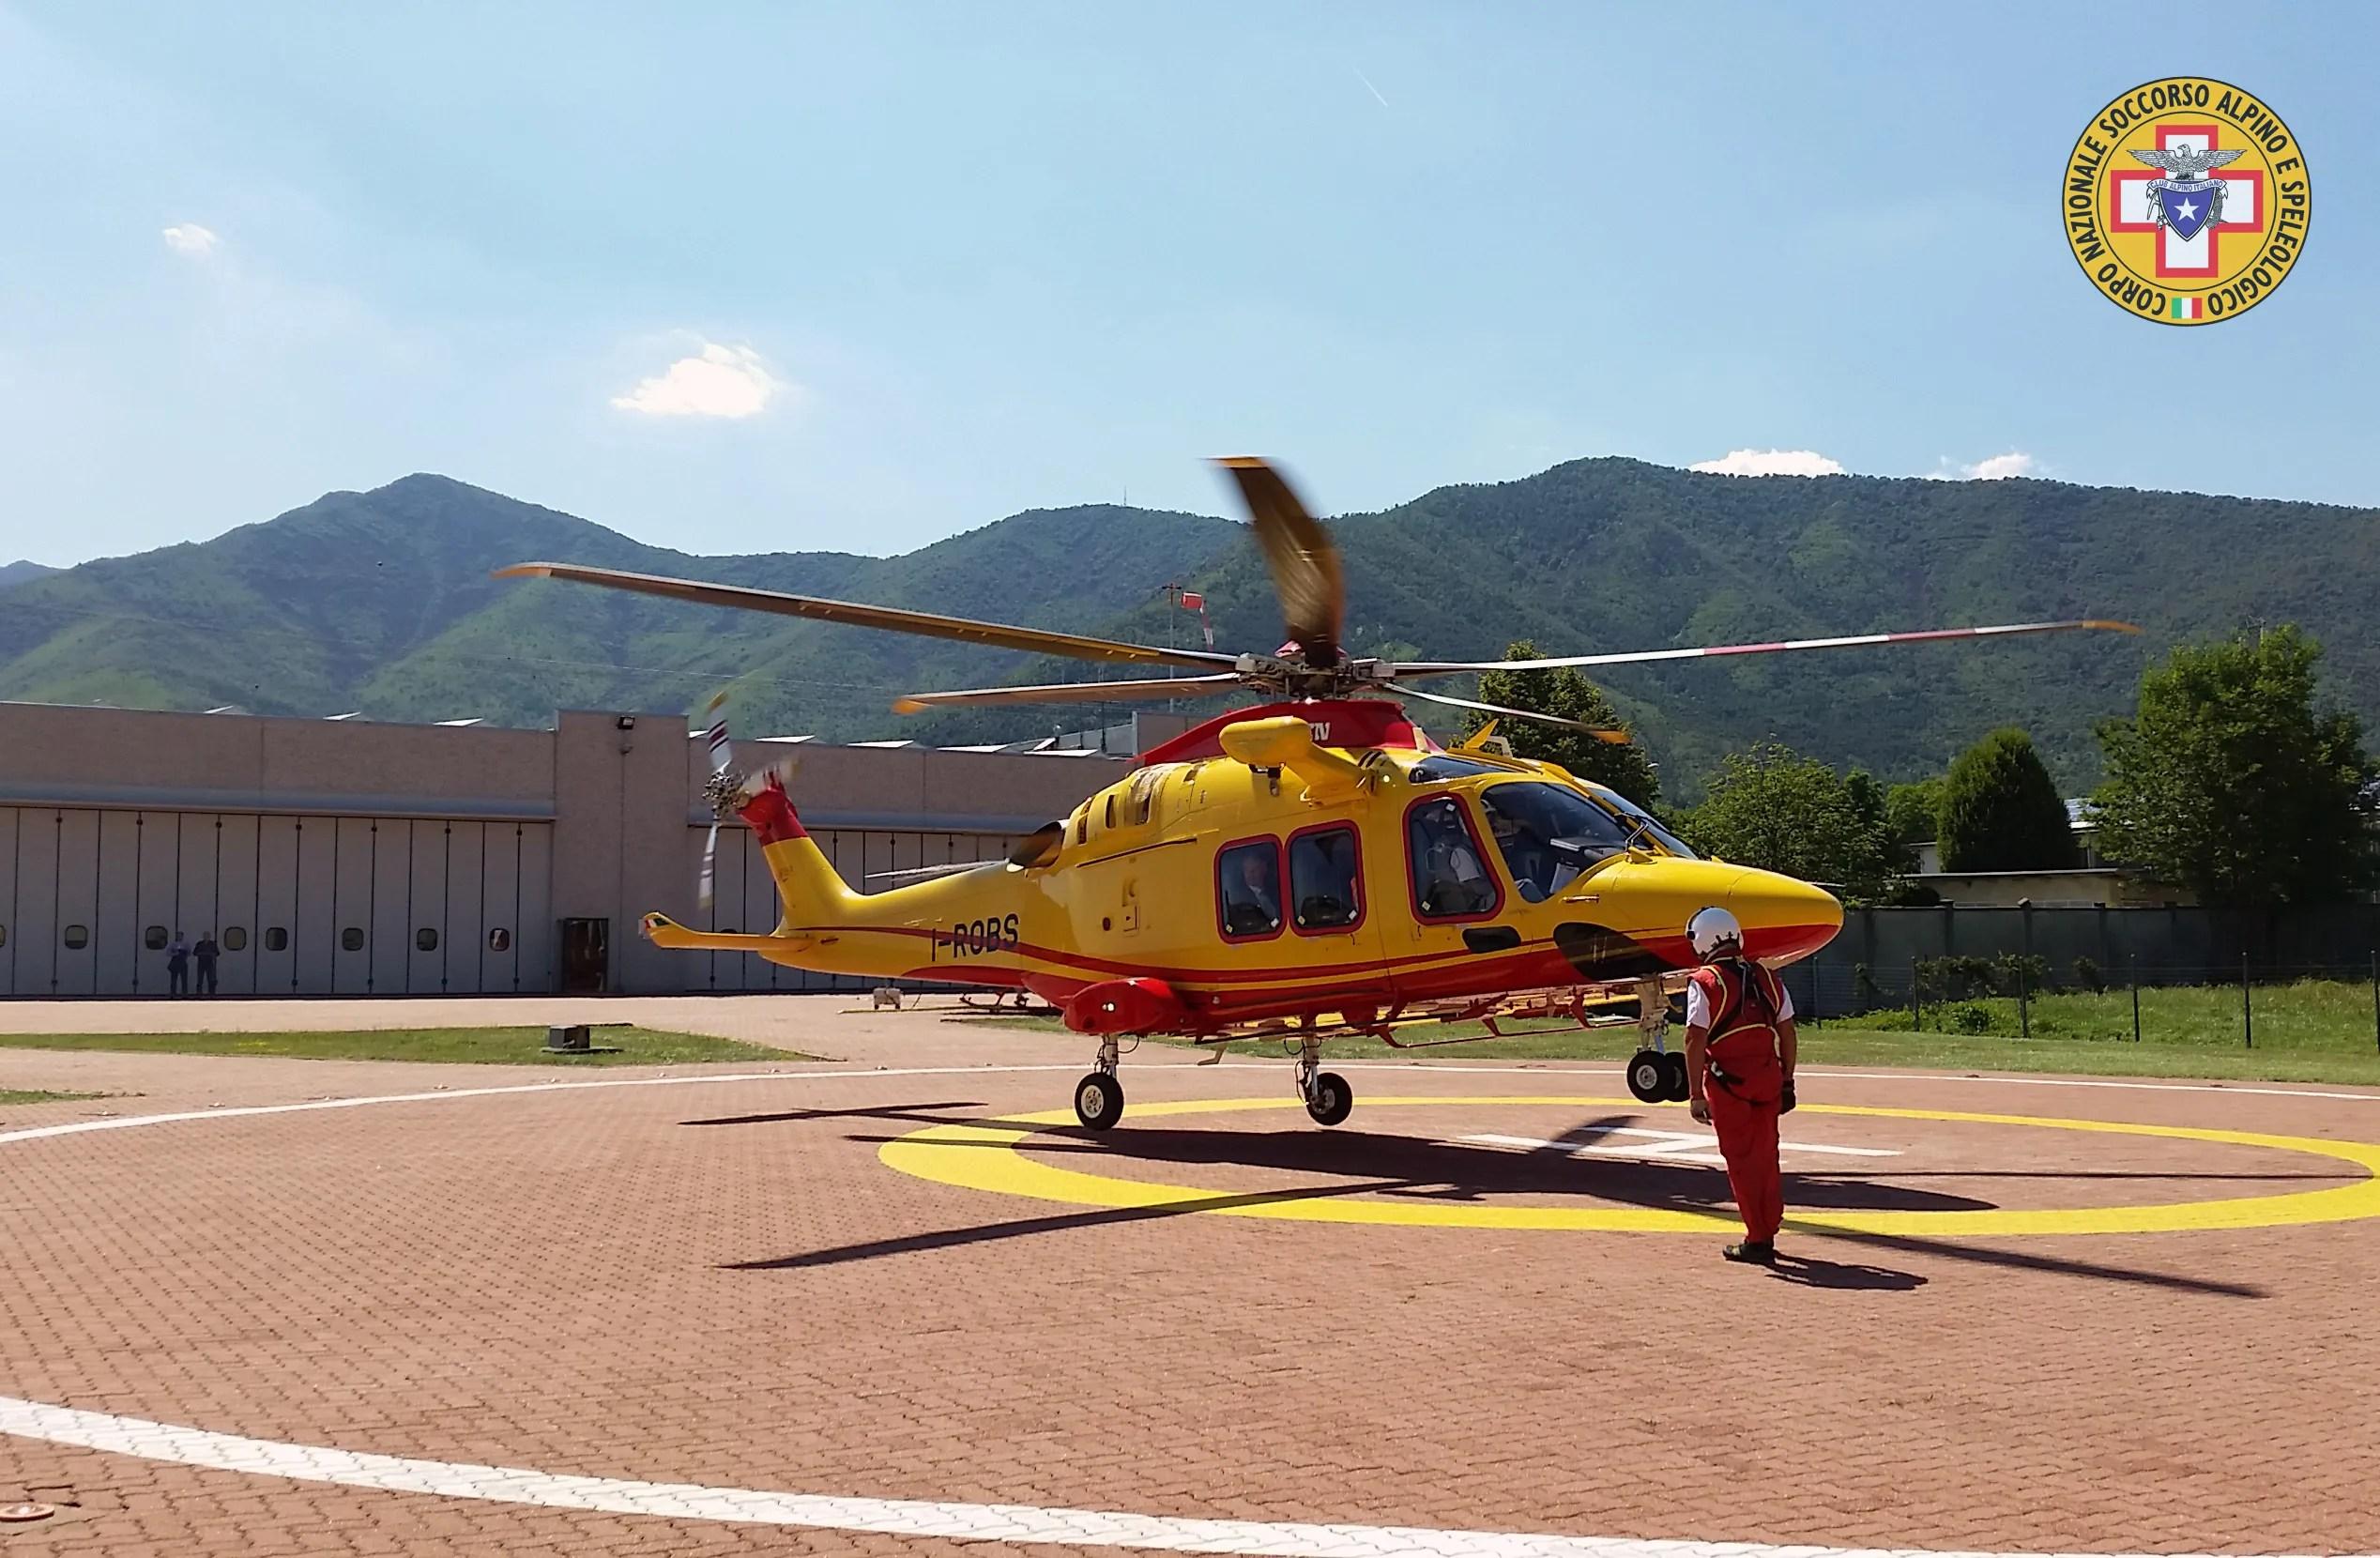 L Elicottero Posizione : Il nuovo elicottero aw di leonardo e gli istruttori cnsas